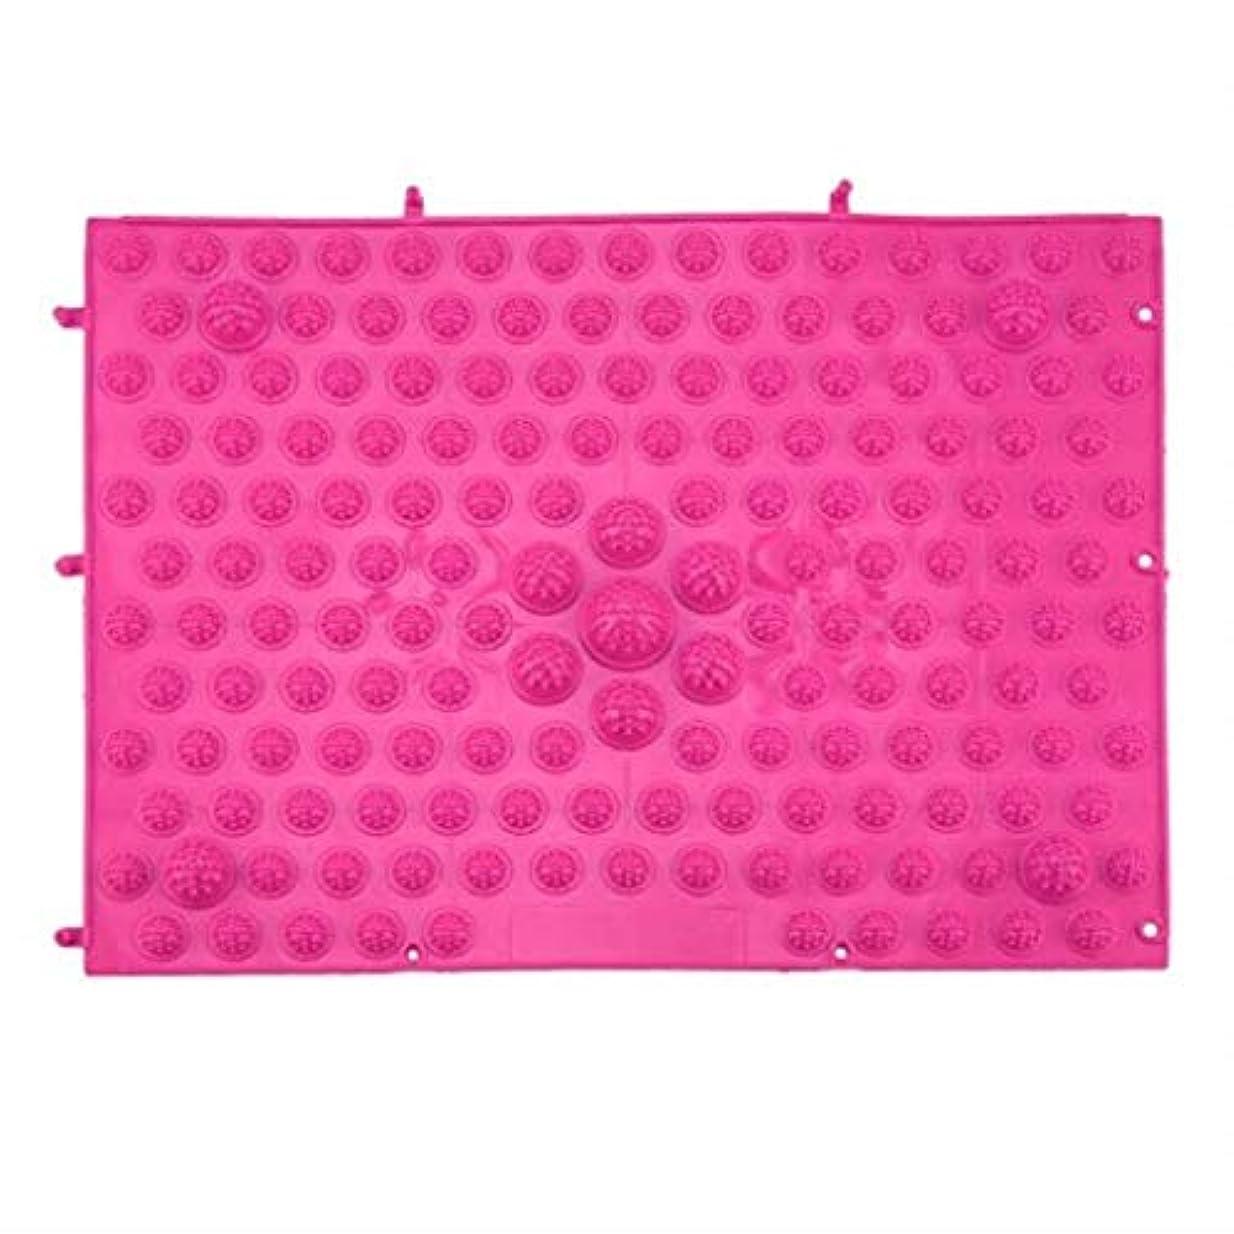 話す有用ムスタチオマッサージクッション、指圧フットパッド、リフレクソロジーウォーキングマッサージパッド、痛みを和らげ、筋肉をリラックス37x27.5cm (Color : Rose Red)